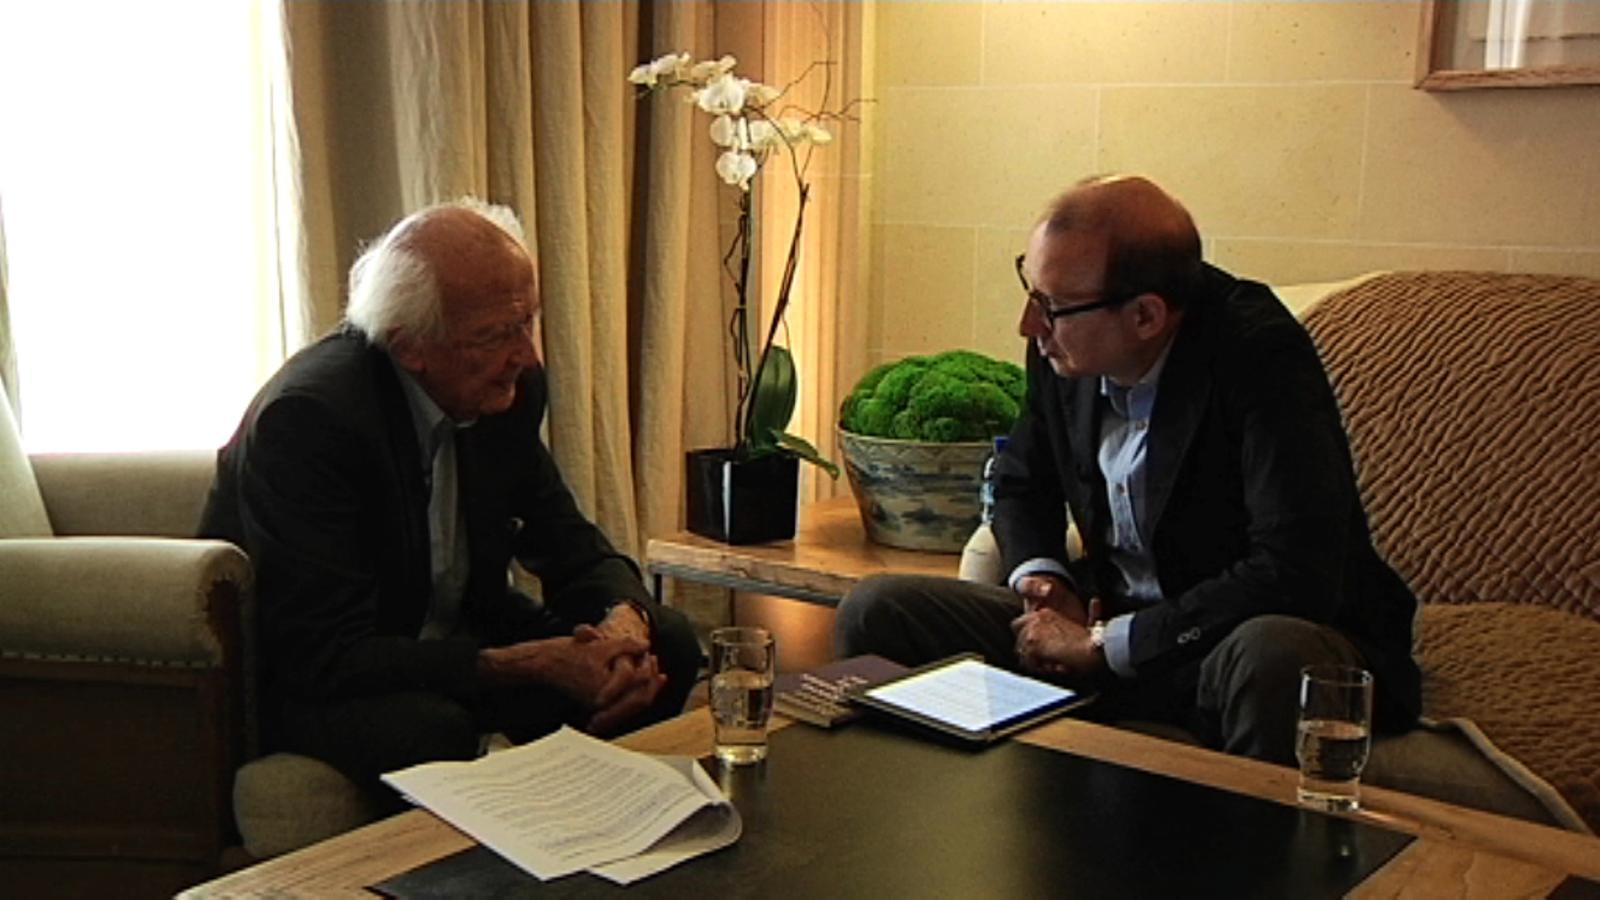 Zygmunt Bauman: Vivim en una època d'avarícia il·limitada